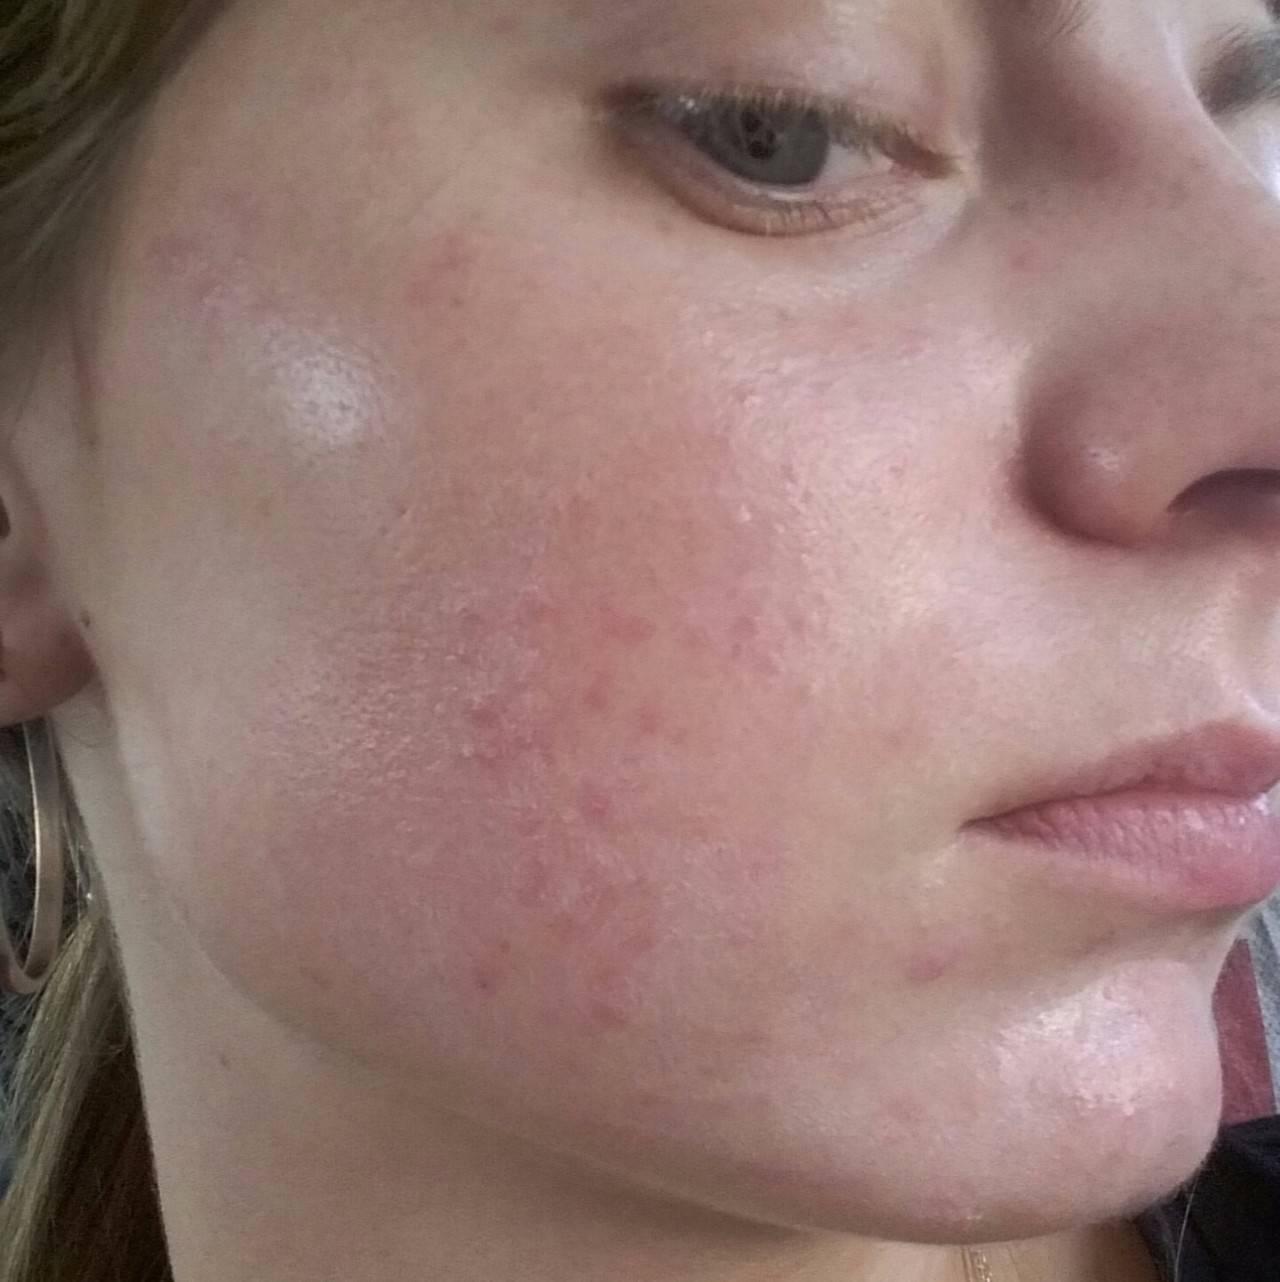 Сыпь на теле у взрослого чешется – что это может быть?